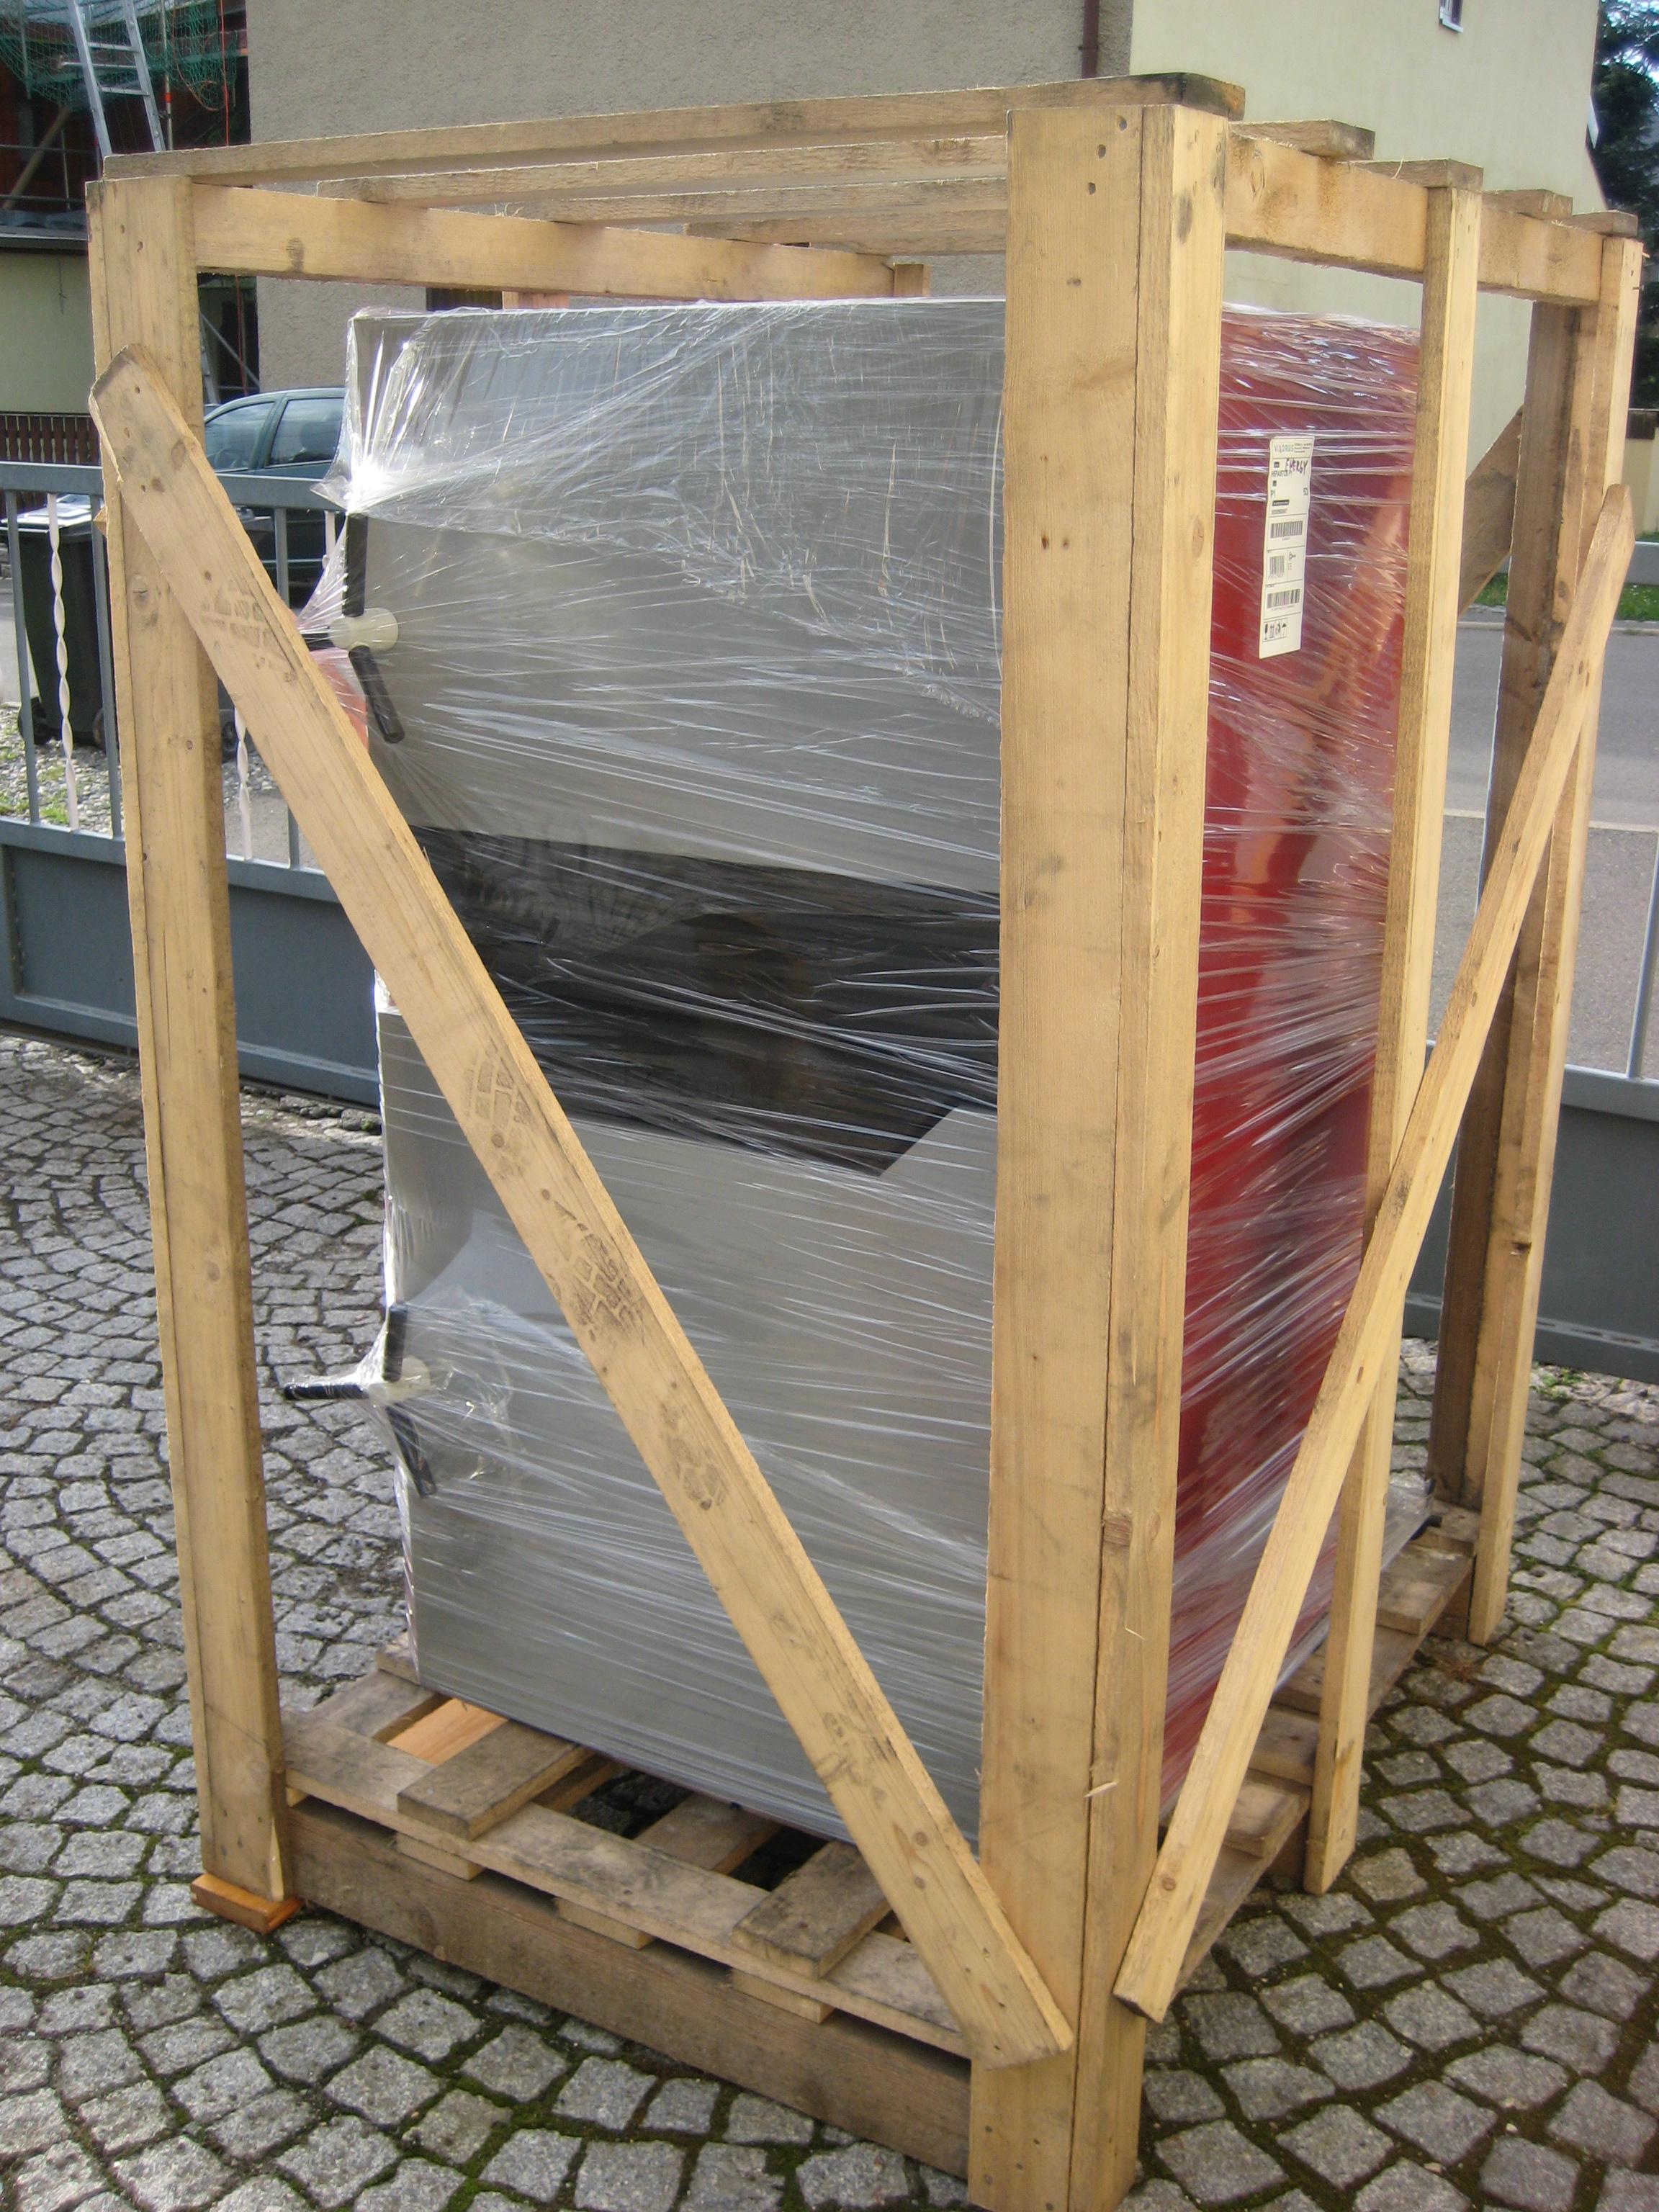 30 40 50 75 100 kw holzvergaserkessel gussheizkessel scheitholz hain. Black Bedroom Furniture Sets. Home Design Ideas